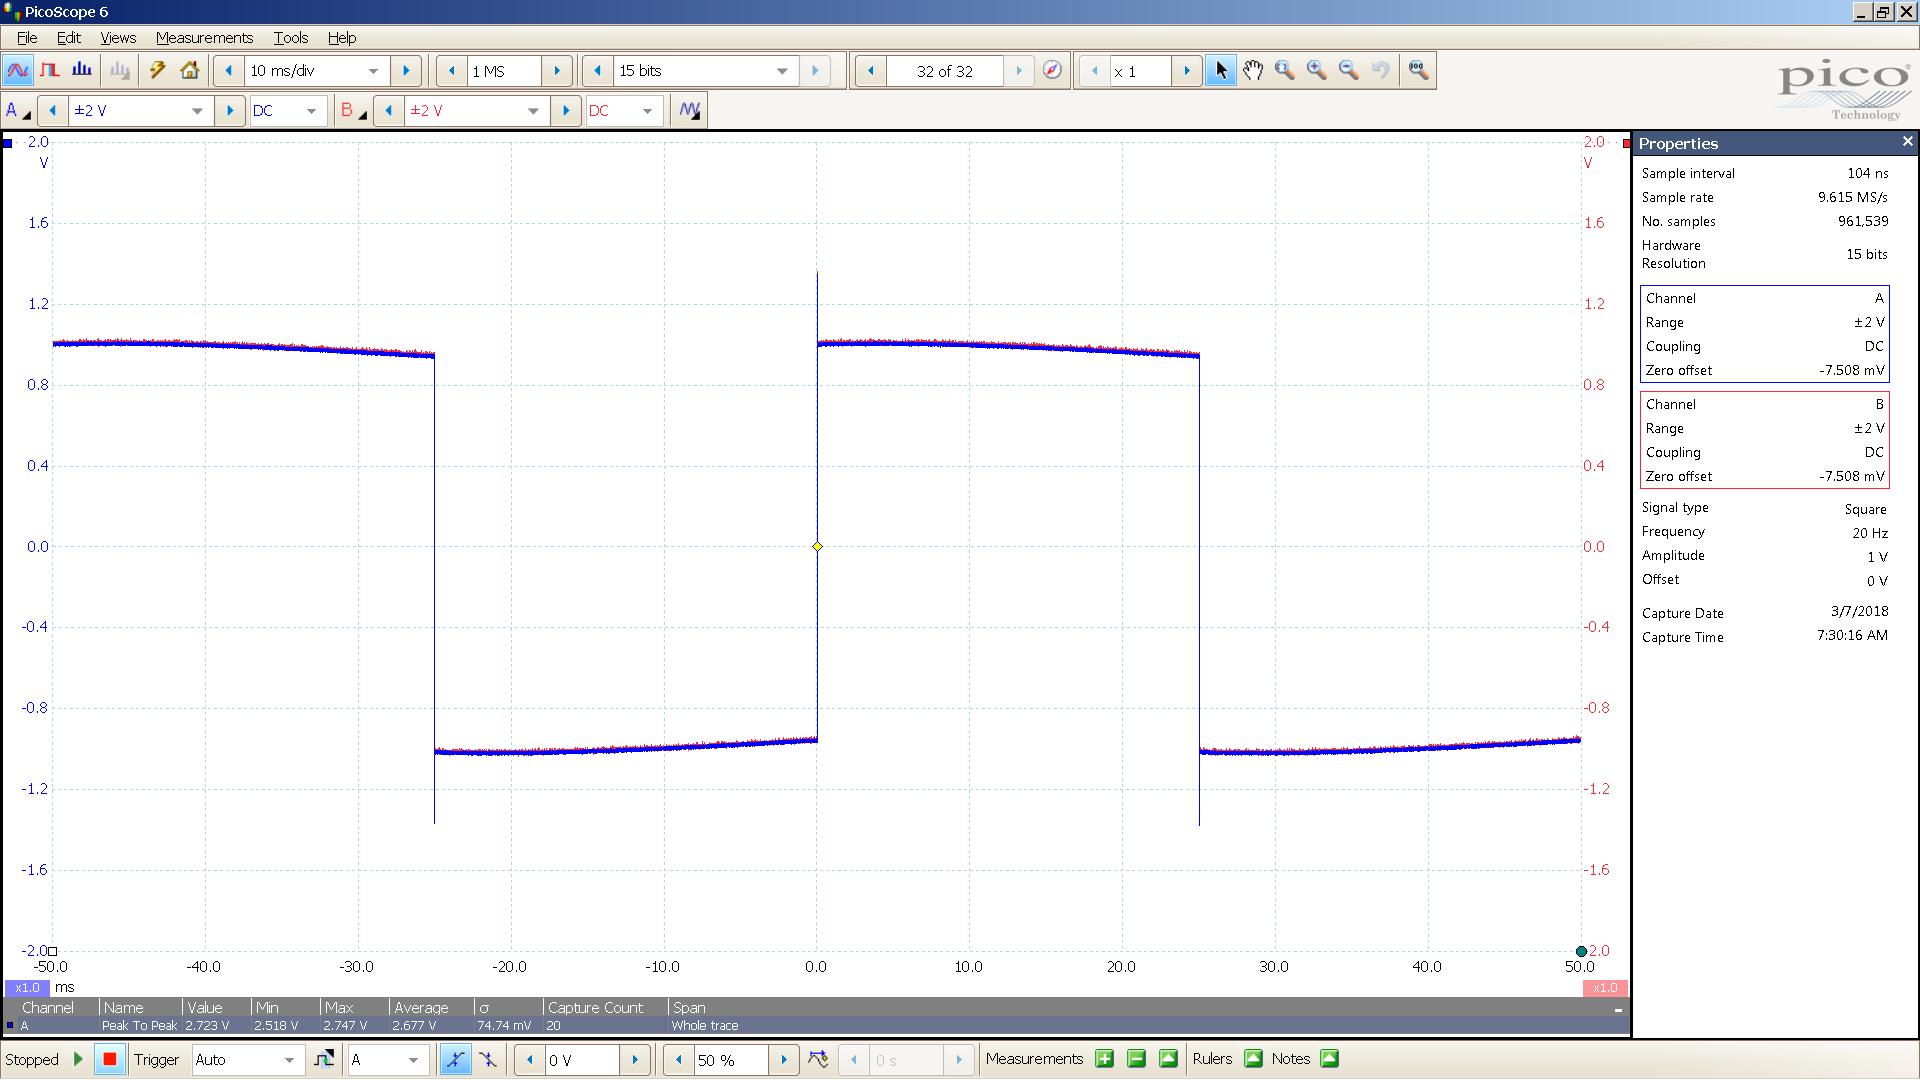 20180307 SigGen mcth 20 Hz square 2000mVpp 10mS div 5MHz filter 300R.png